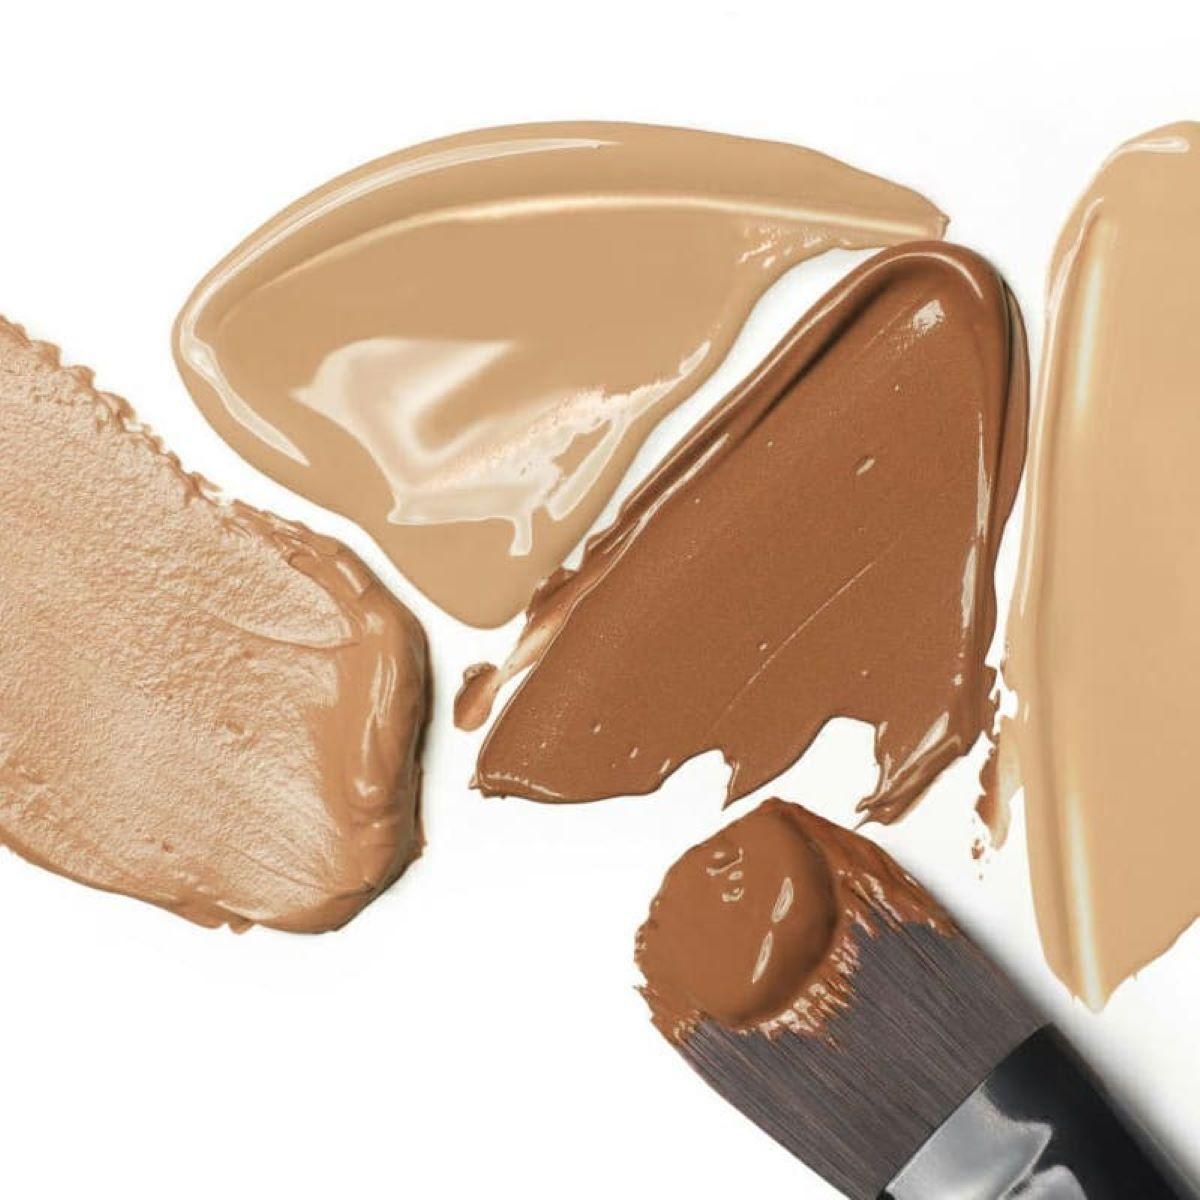 Come scegliere il fondotinta adatto alla tua pelle: i consigli